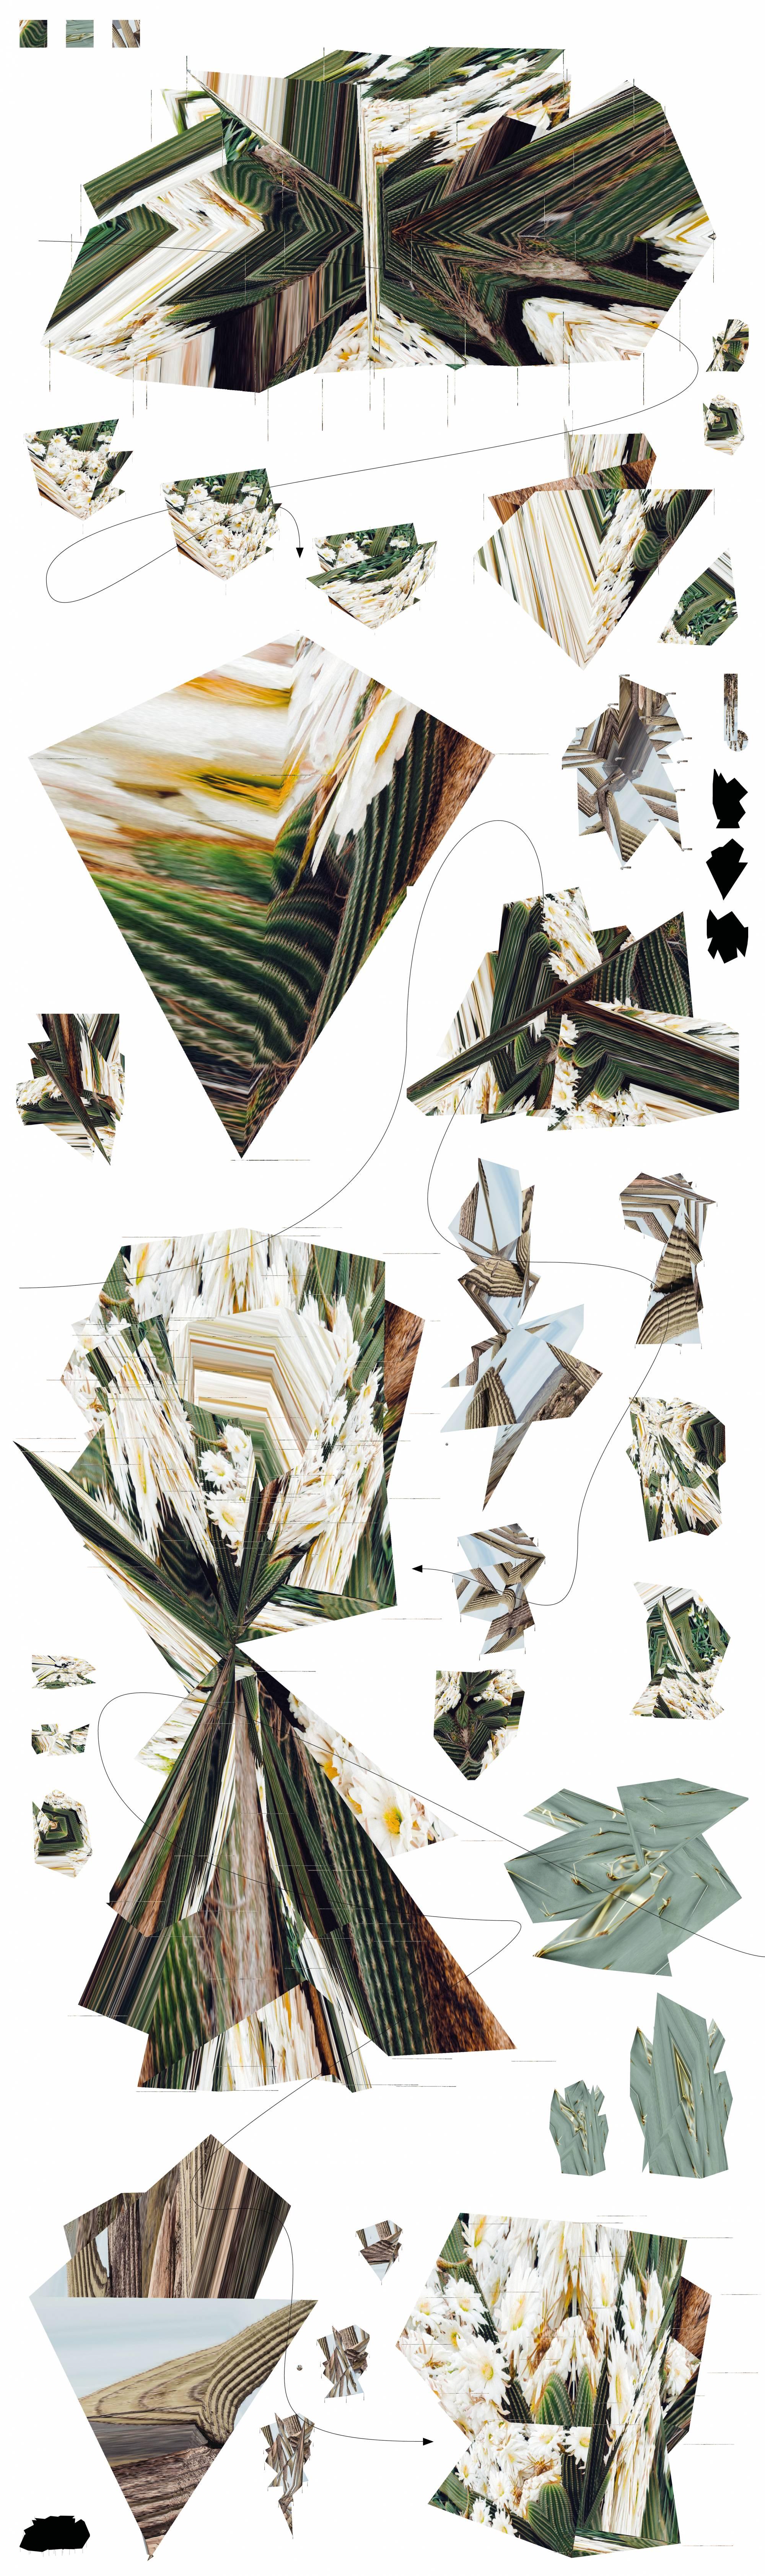 Yun Kuo / Digit-Windland /